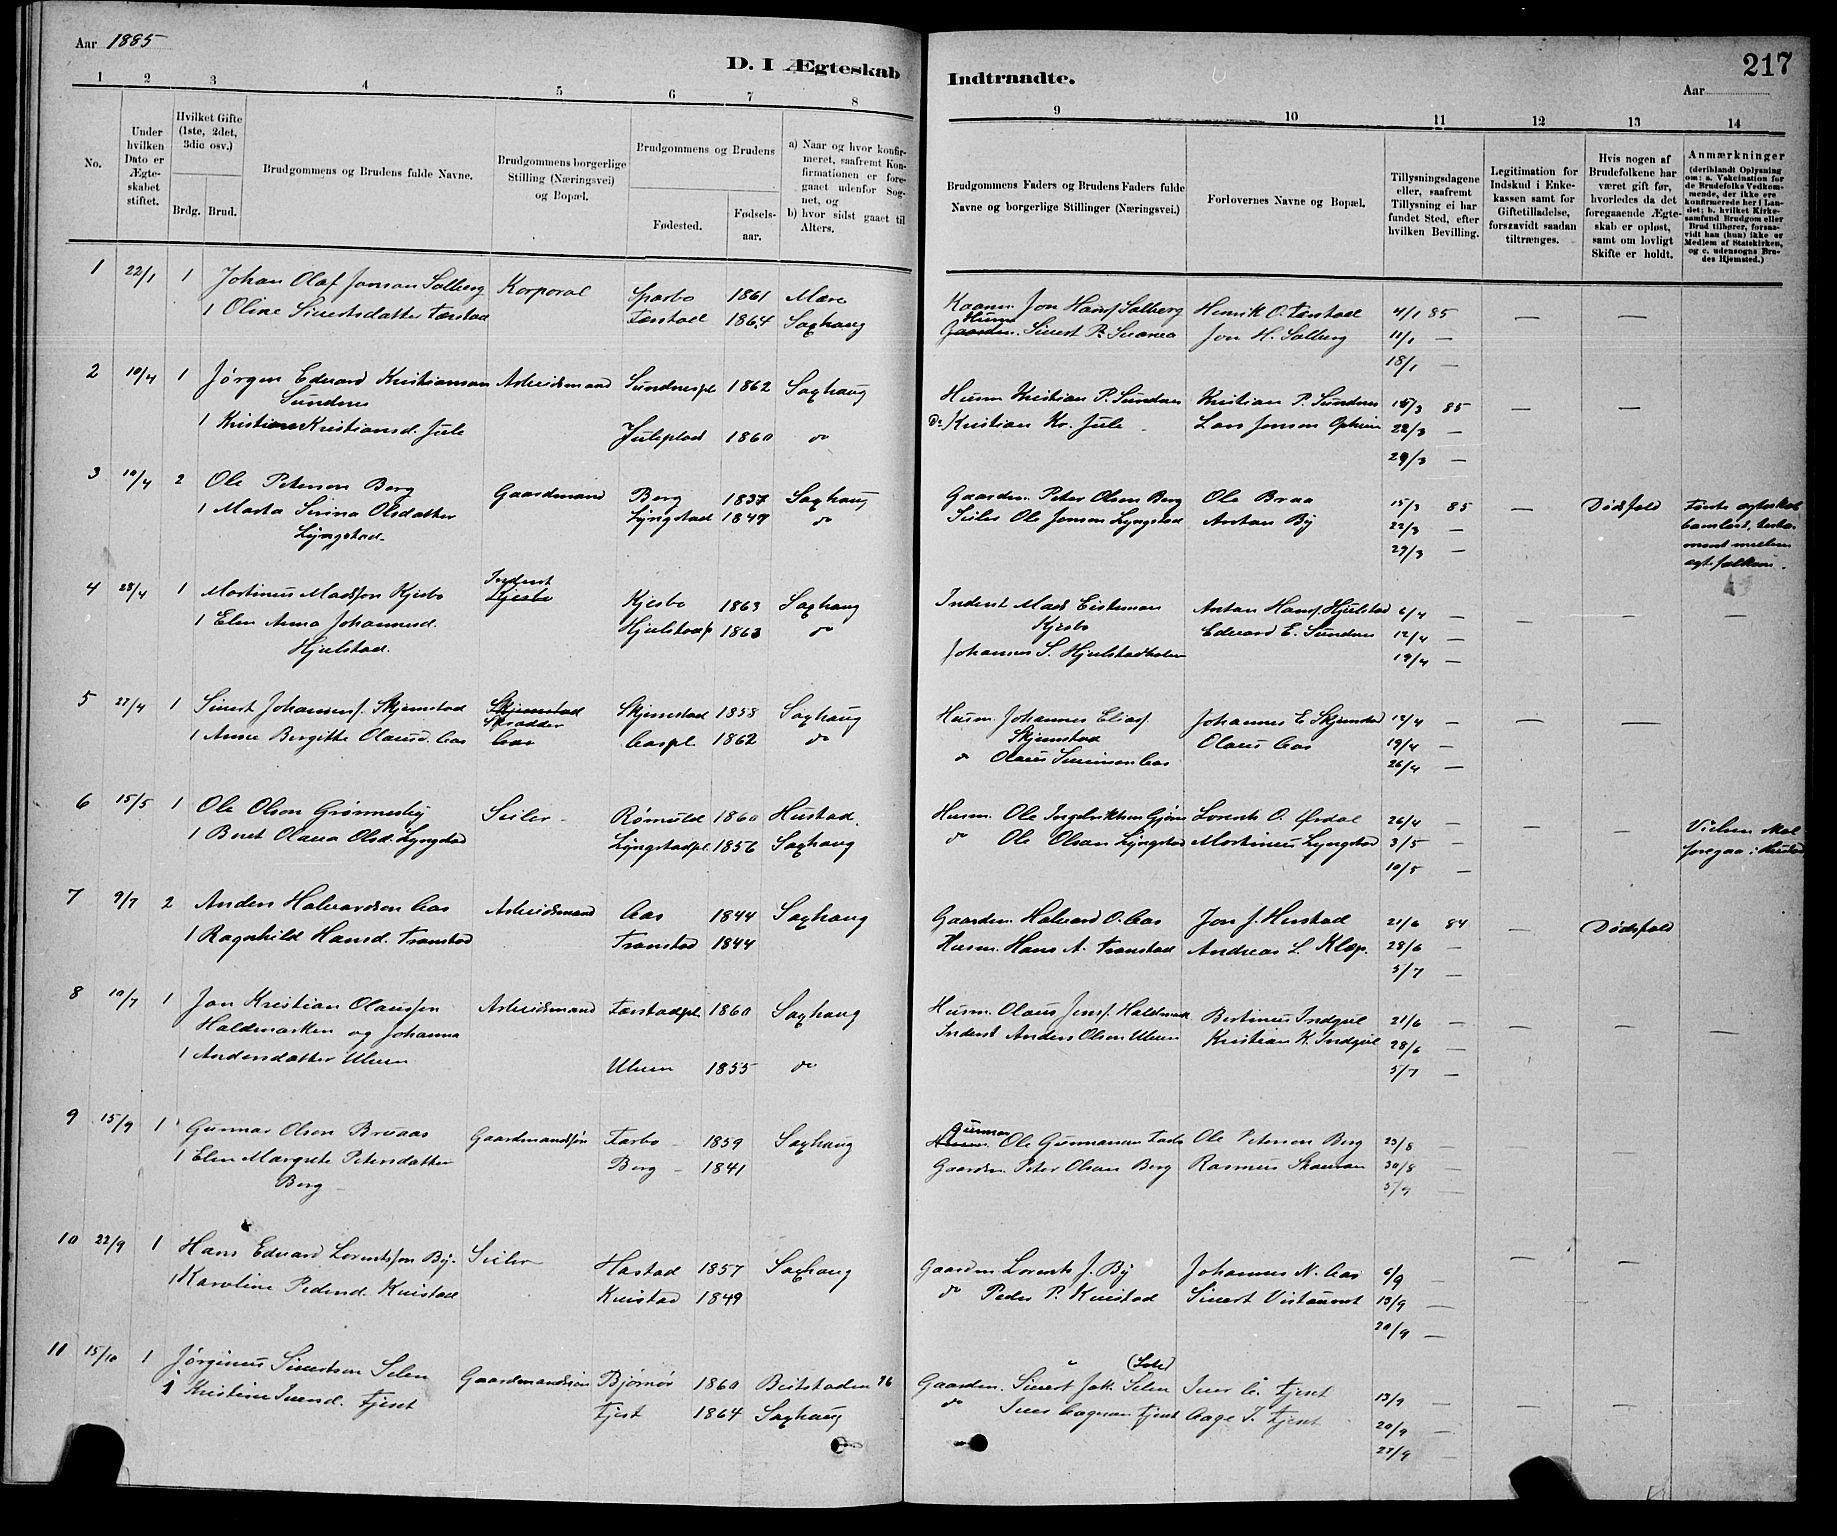 SAT, Ministerialprotokoller, klokkerbøker og fødselsregistre - Nord-Trøndelag, 730/L0301: Klokkerbok nr. 730C04, 1880-1897, s. 217